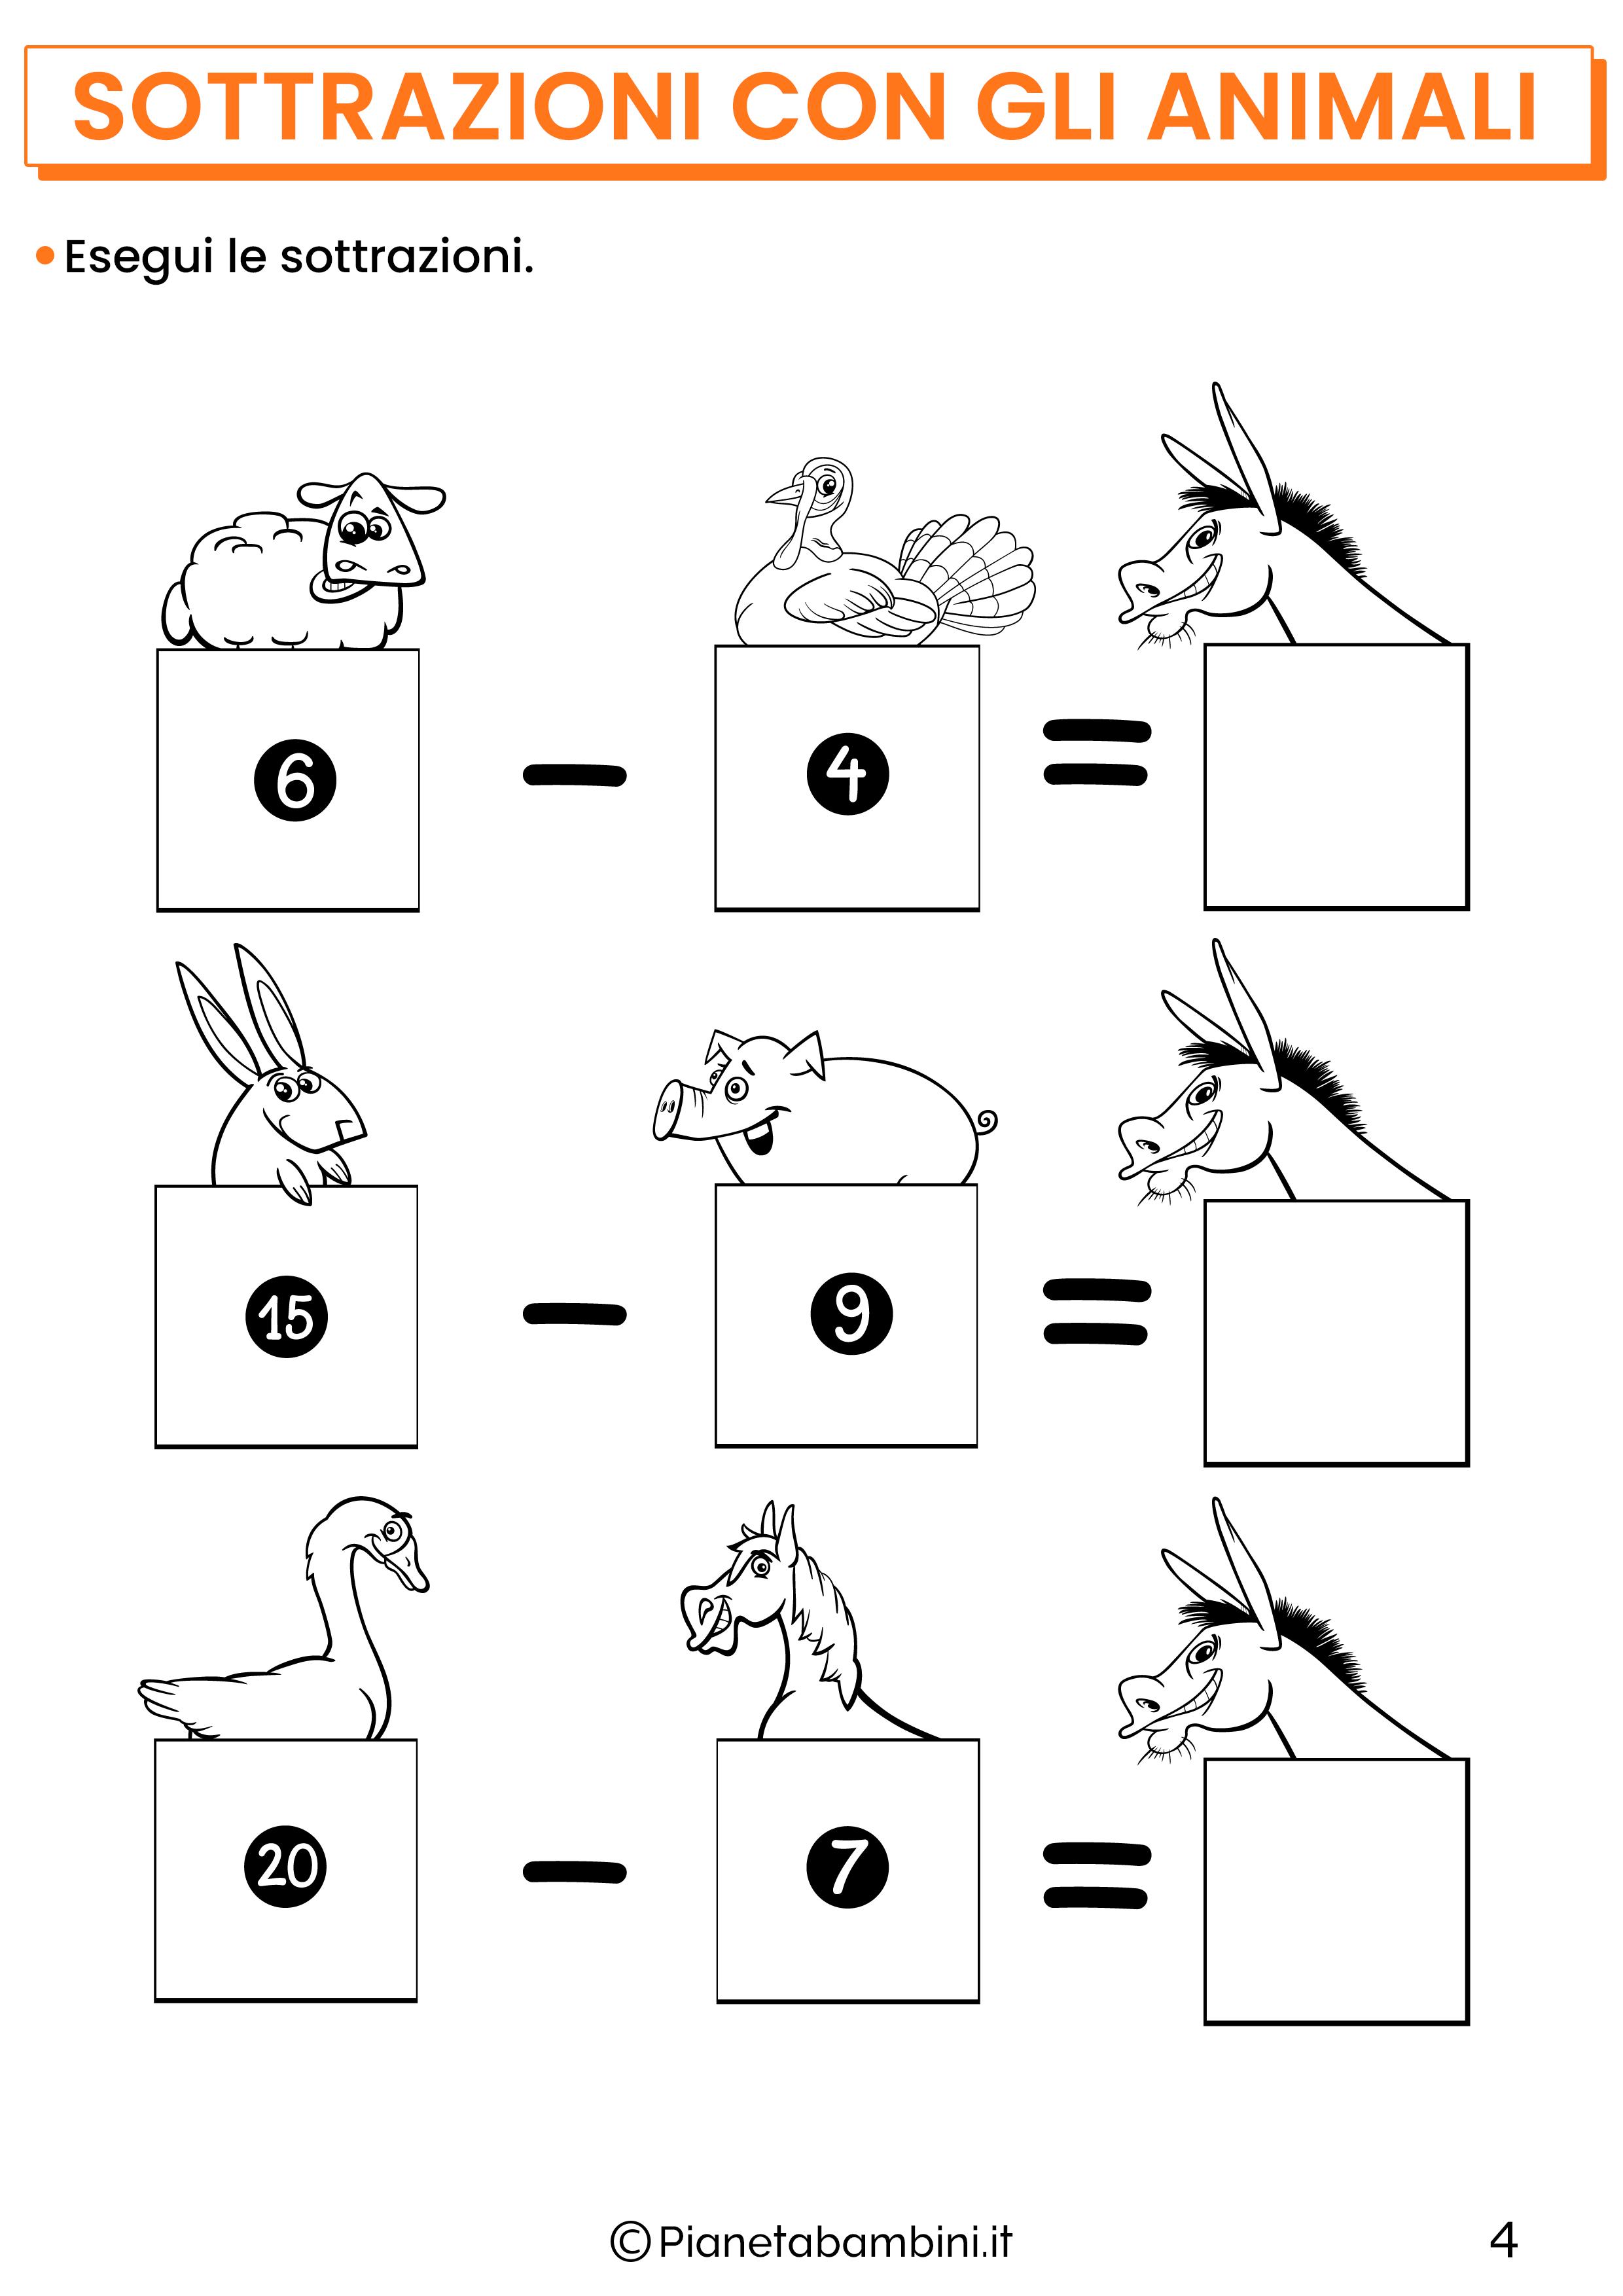 Sottrazioni con gli animali per la classe prima pagina 4